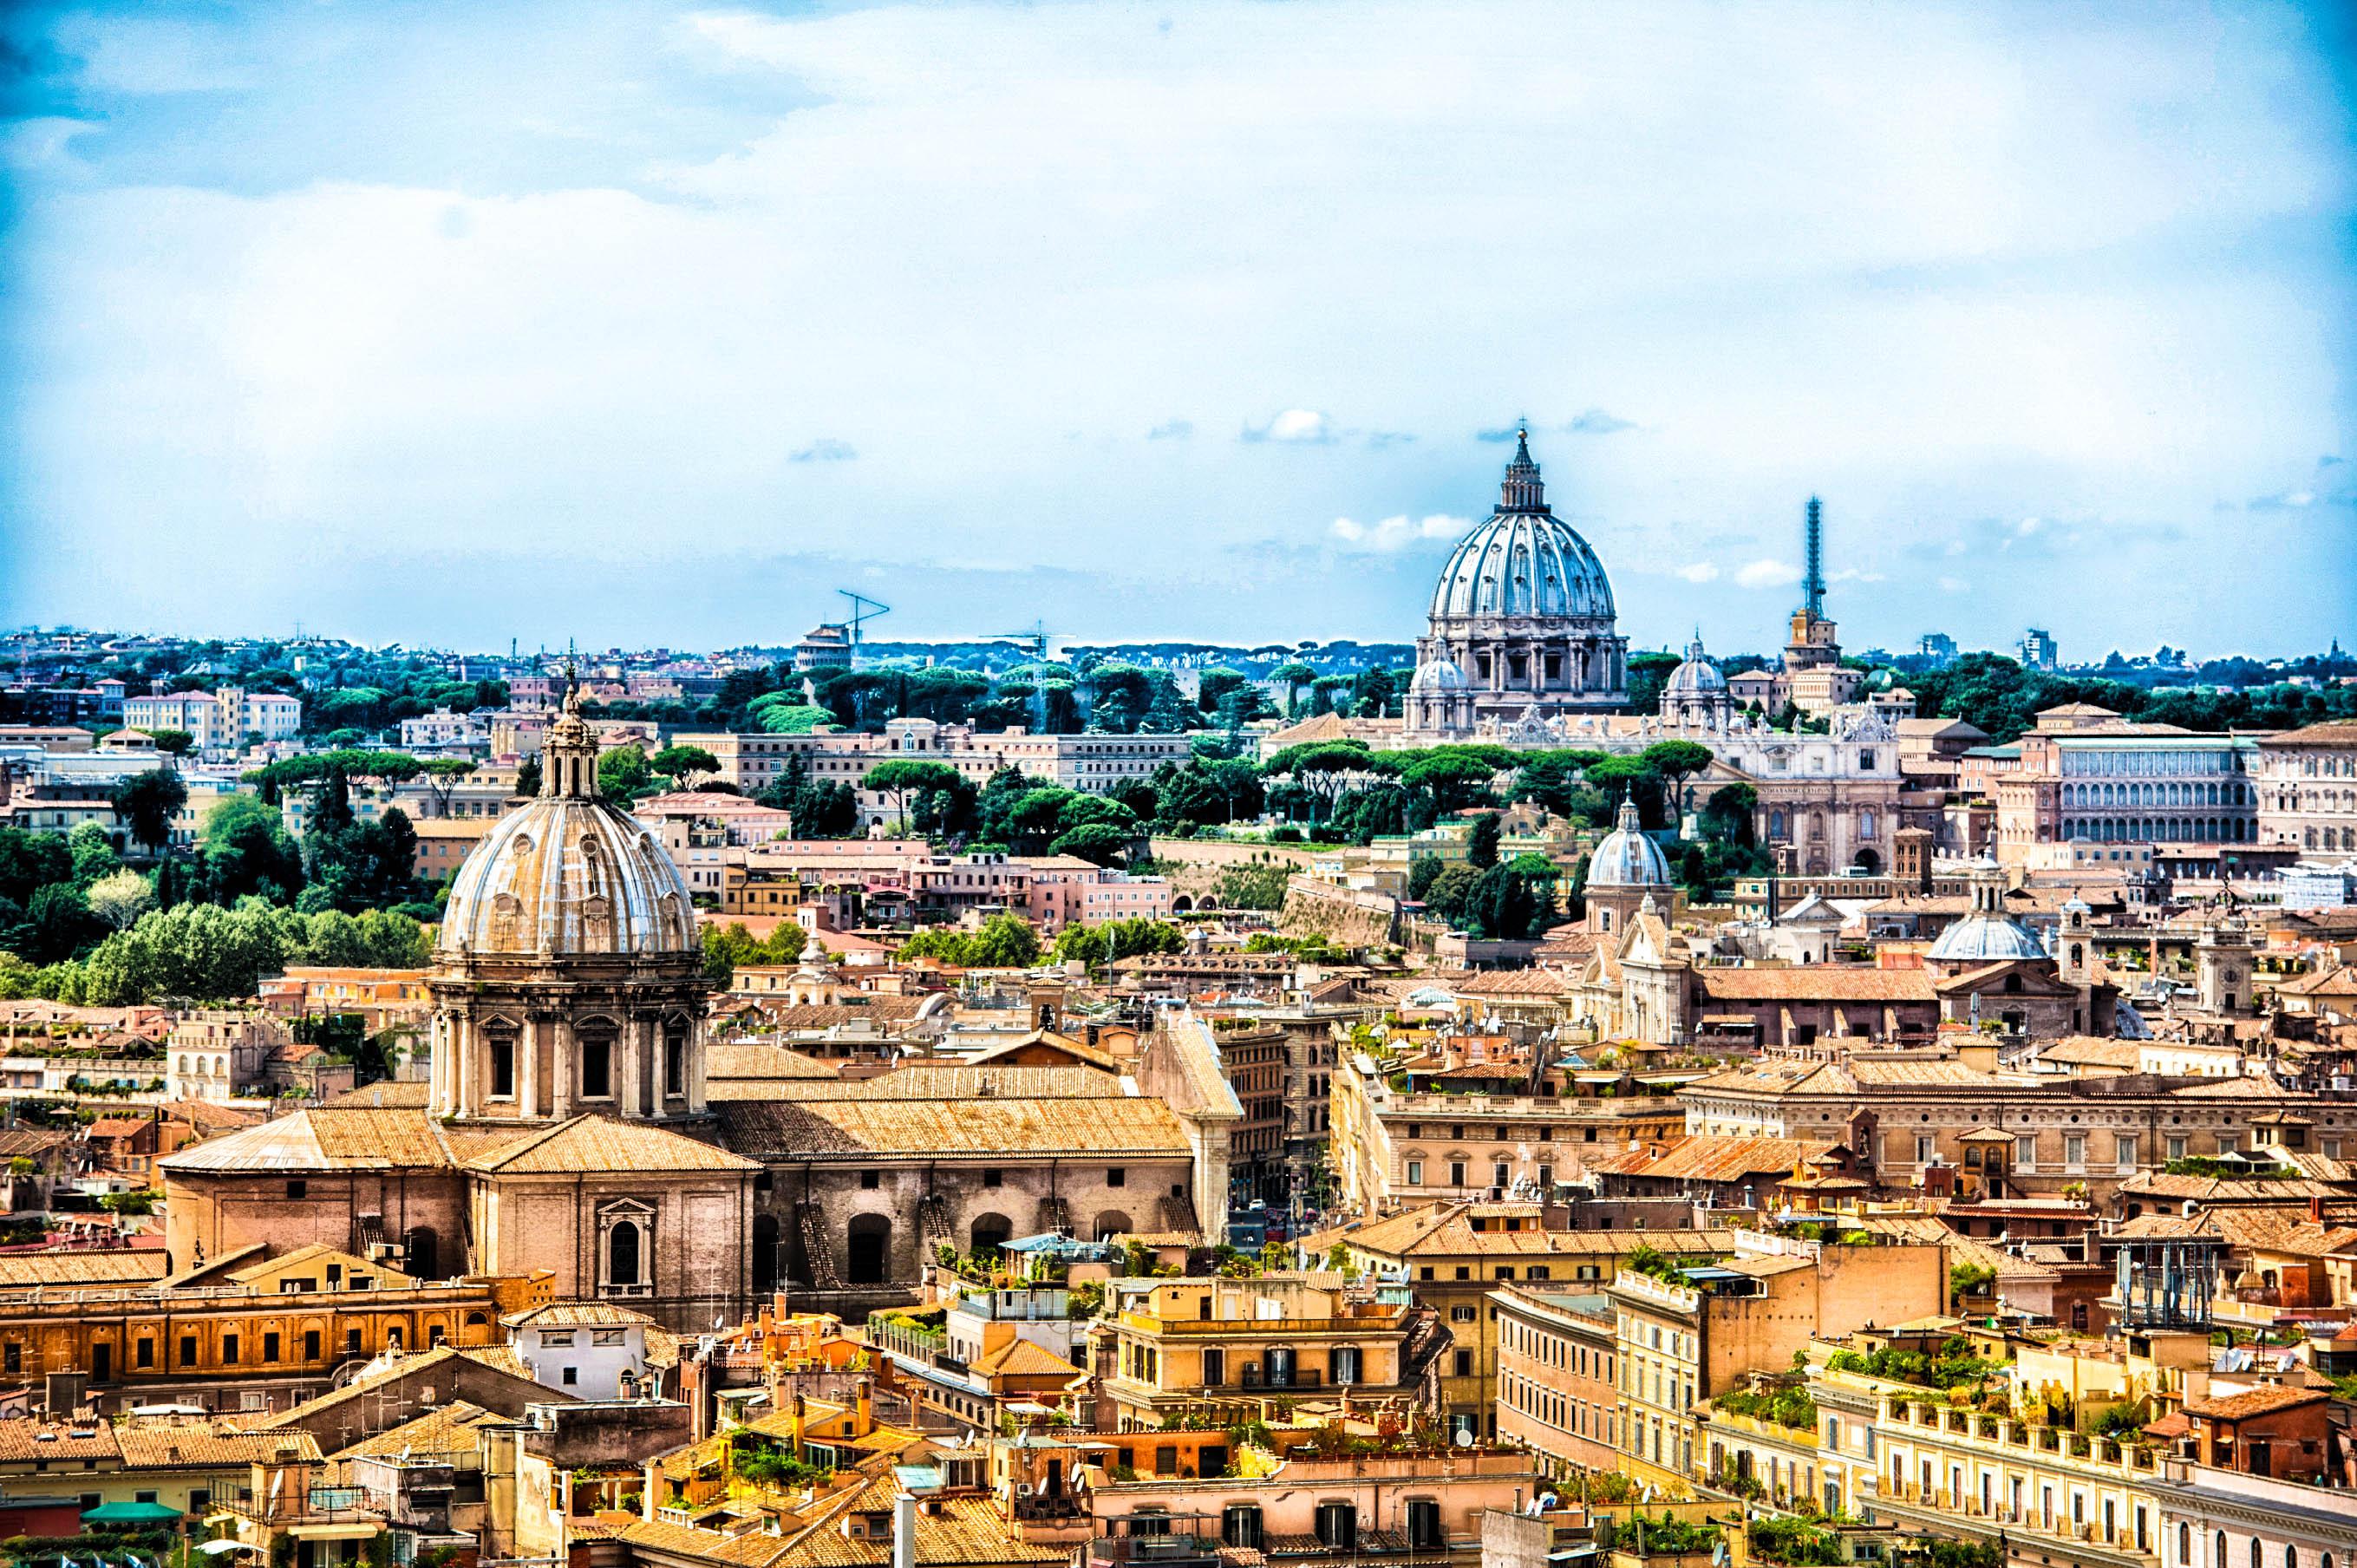 St dtetrip nach rom 4 tage im designhotel mit fl gen f r for Designhotel italien